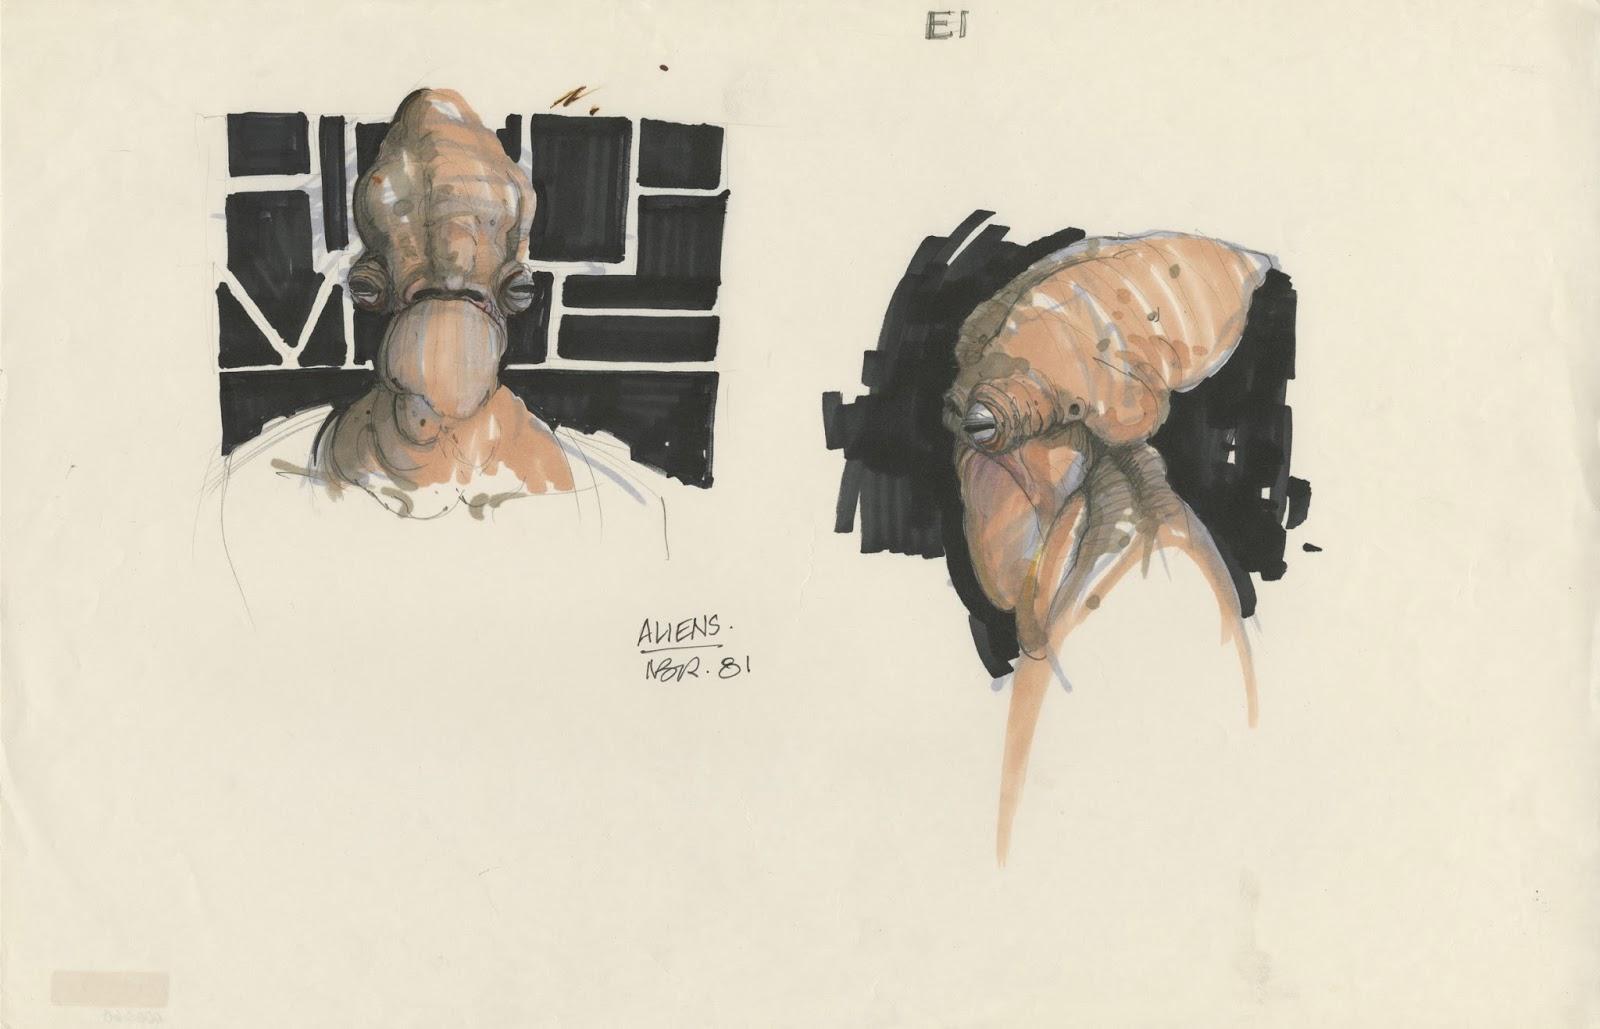 admiral ackbar concept design by artist Nilo Rodis-Jamero